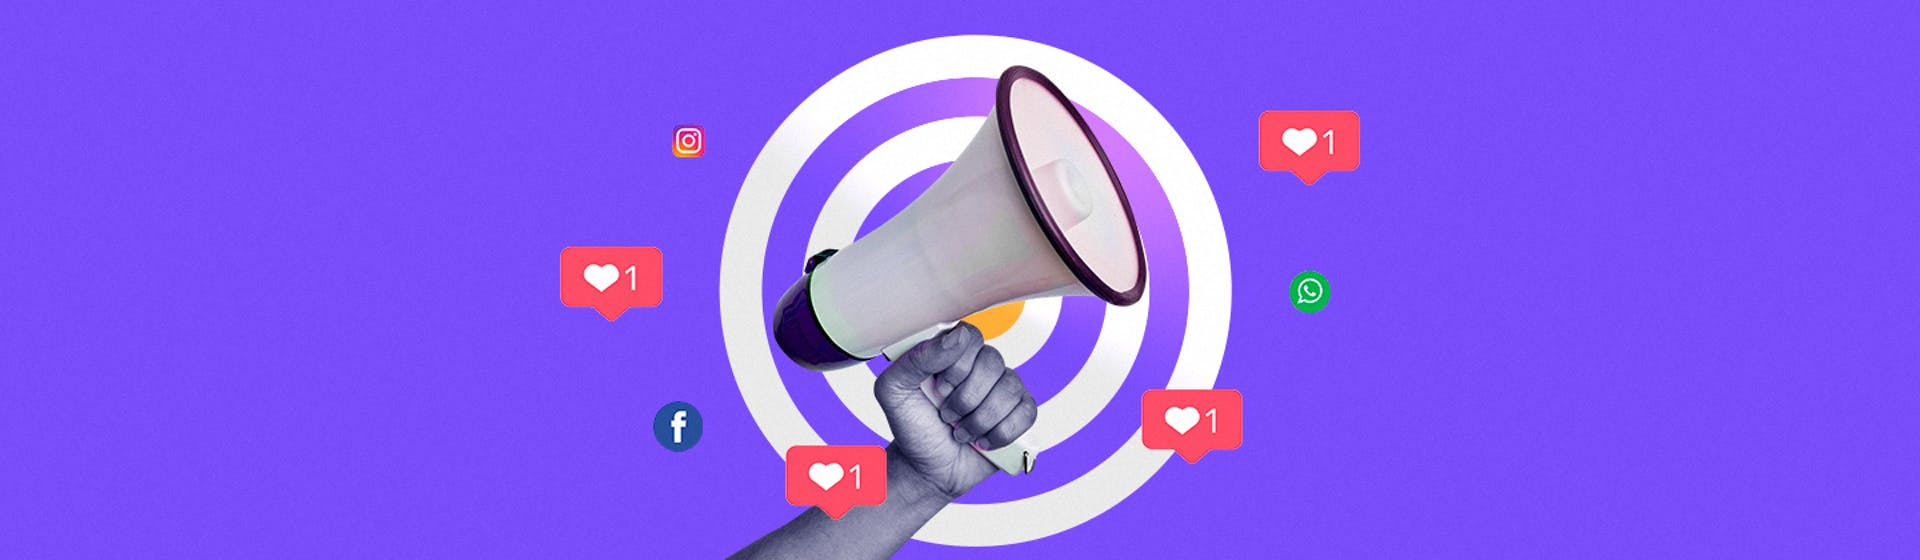 40 ejemplos de marketing de contenidos que inspirarán tu estrategia digital